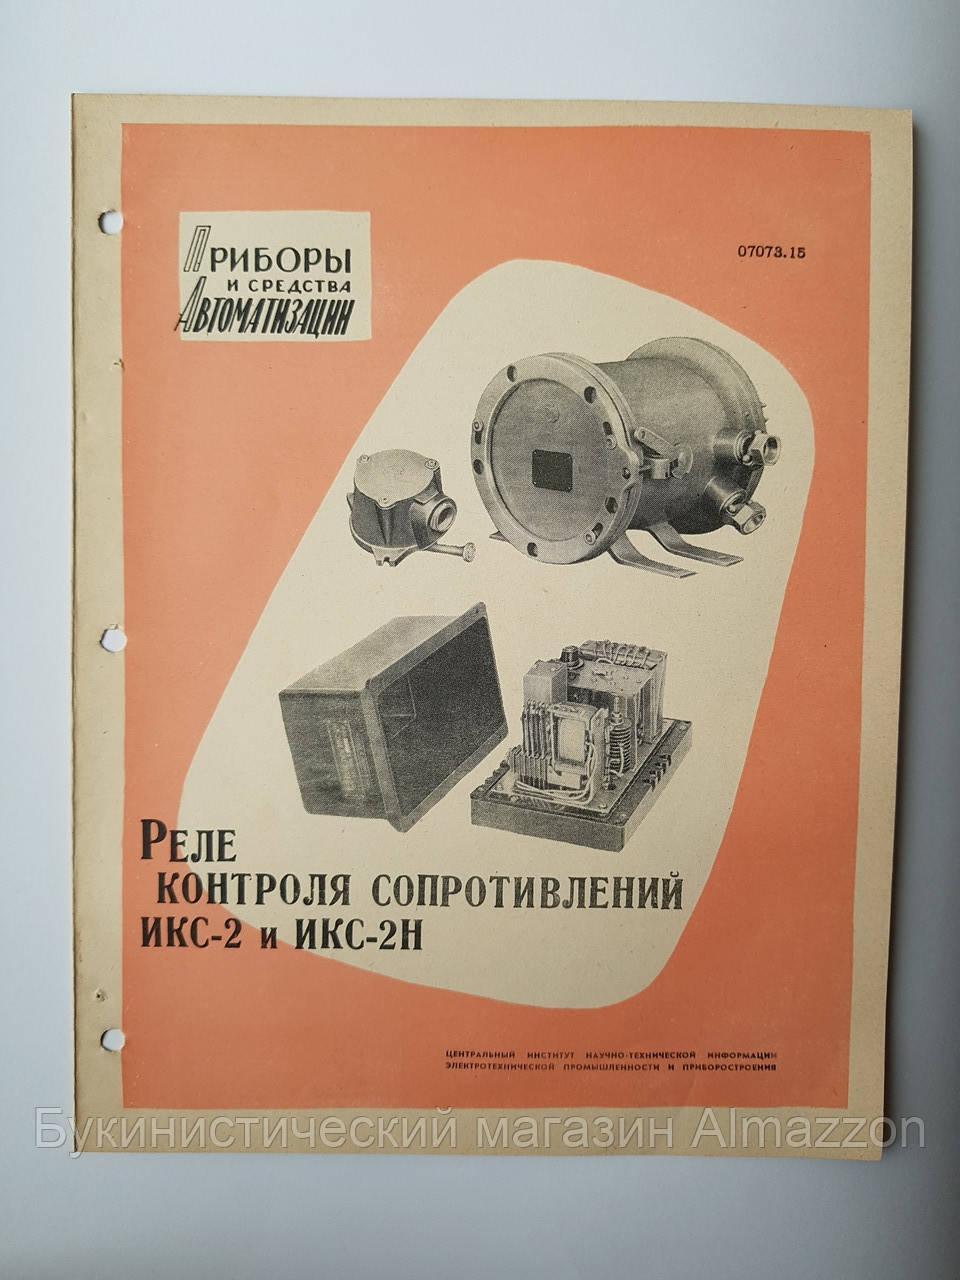 """Журнал (Бюллетень) """"Реле контроля сопротивлений ИКС-2 и ИКС-2Н  07073.15 """" 1962г."""